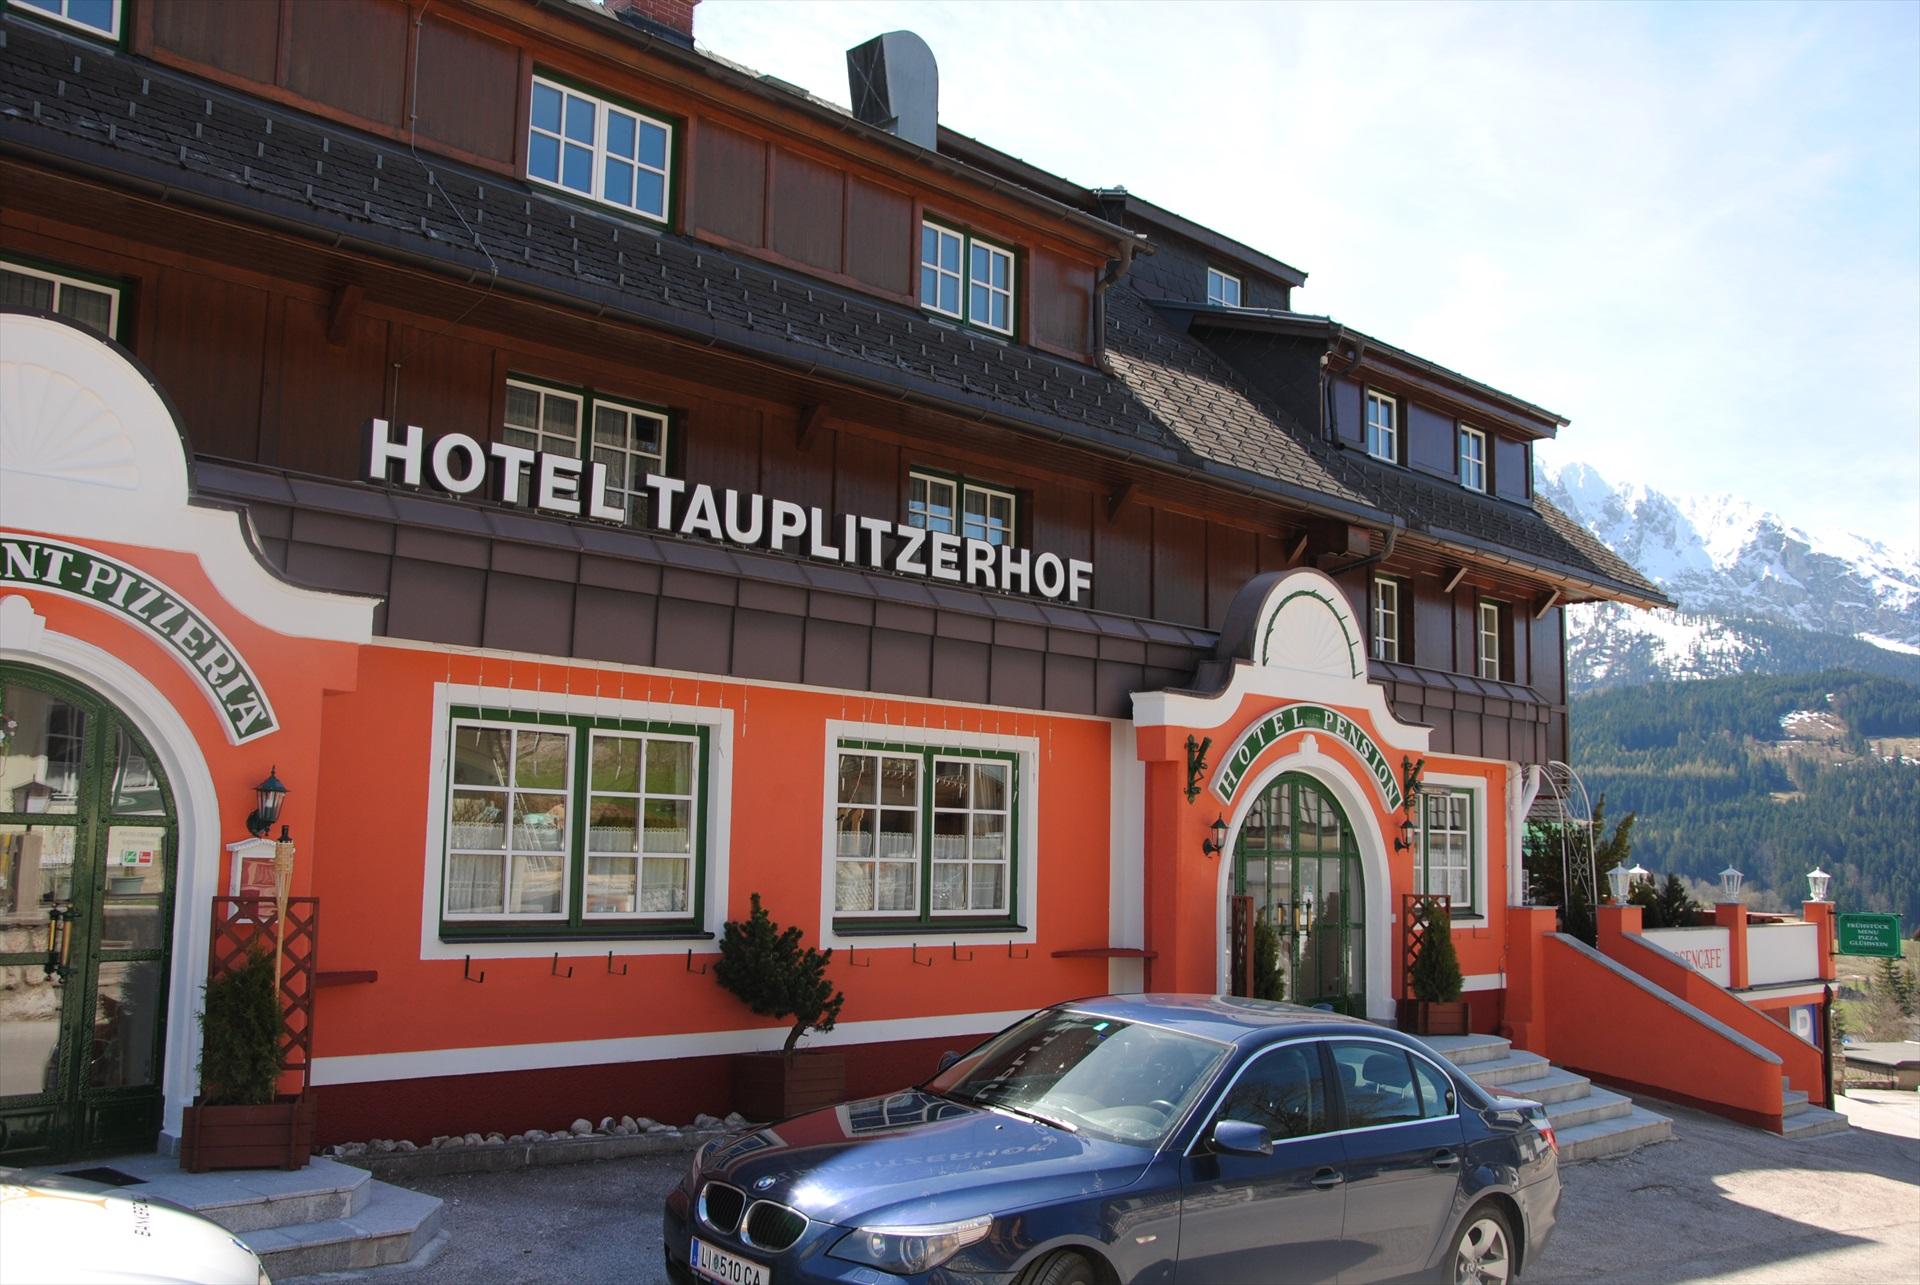 Hotel Tauplitzerhof *** - Тауплиц, Земля Штирия, Австрия - пока ещё по сниженной цене!